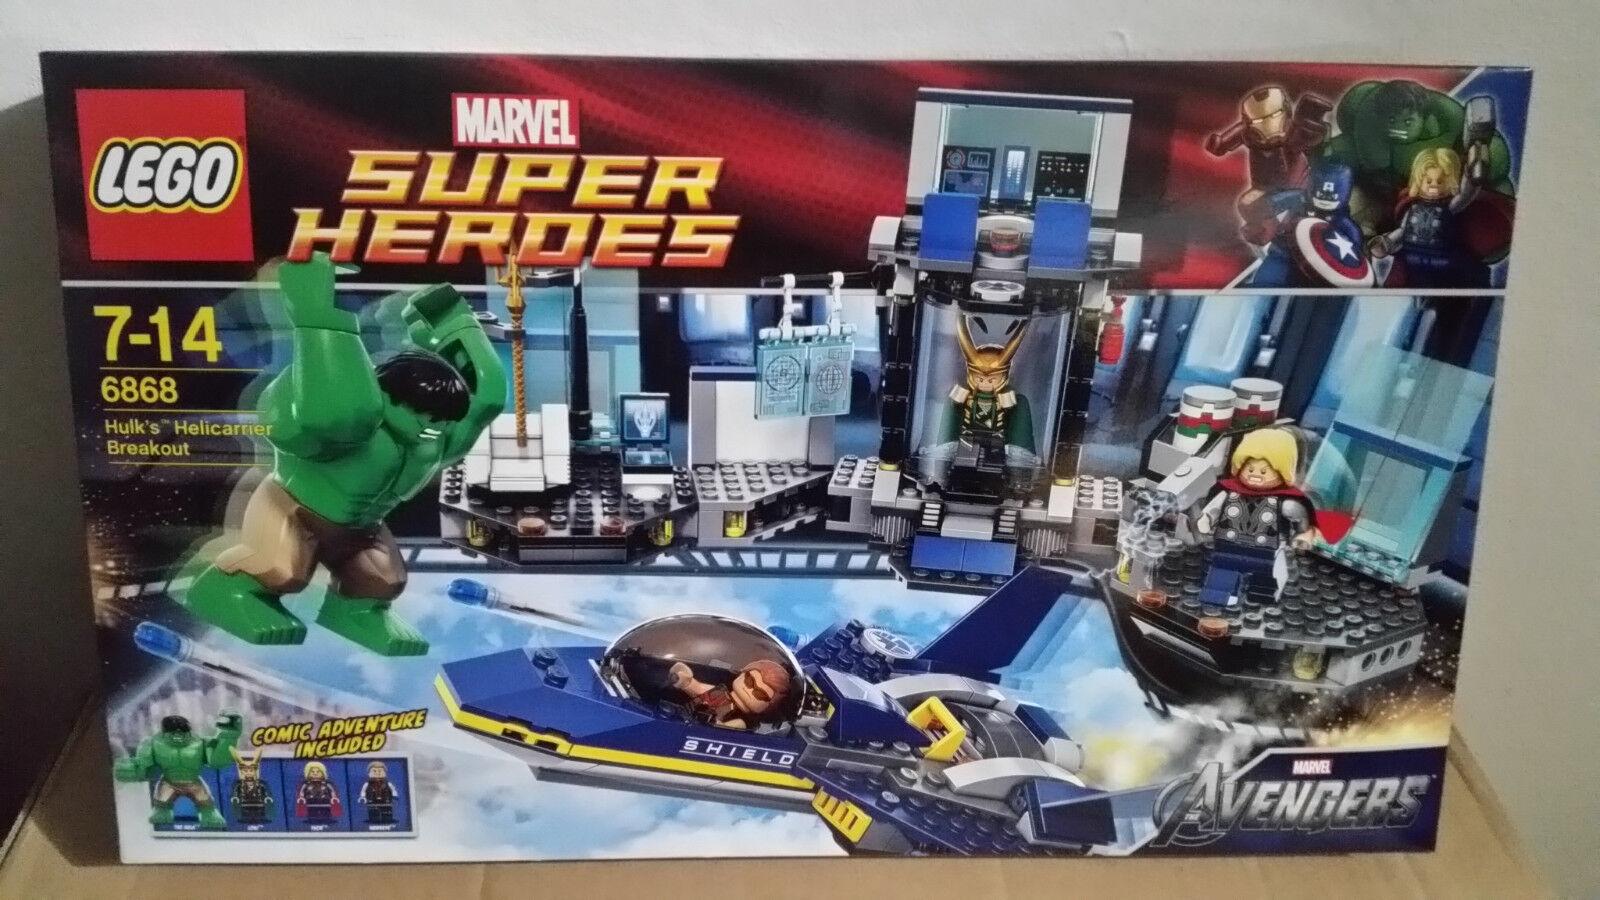 LEGO Super Heroes Hulks Ausbruch mit mit mit dem Helicarrier (6868) NEUWARE aus Sammlung 010eba